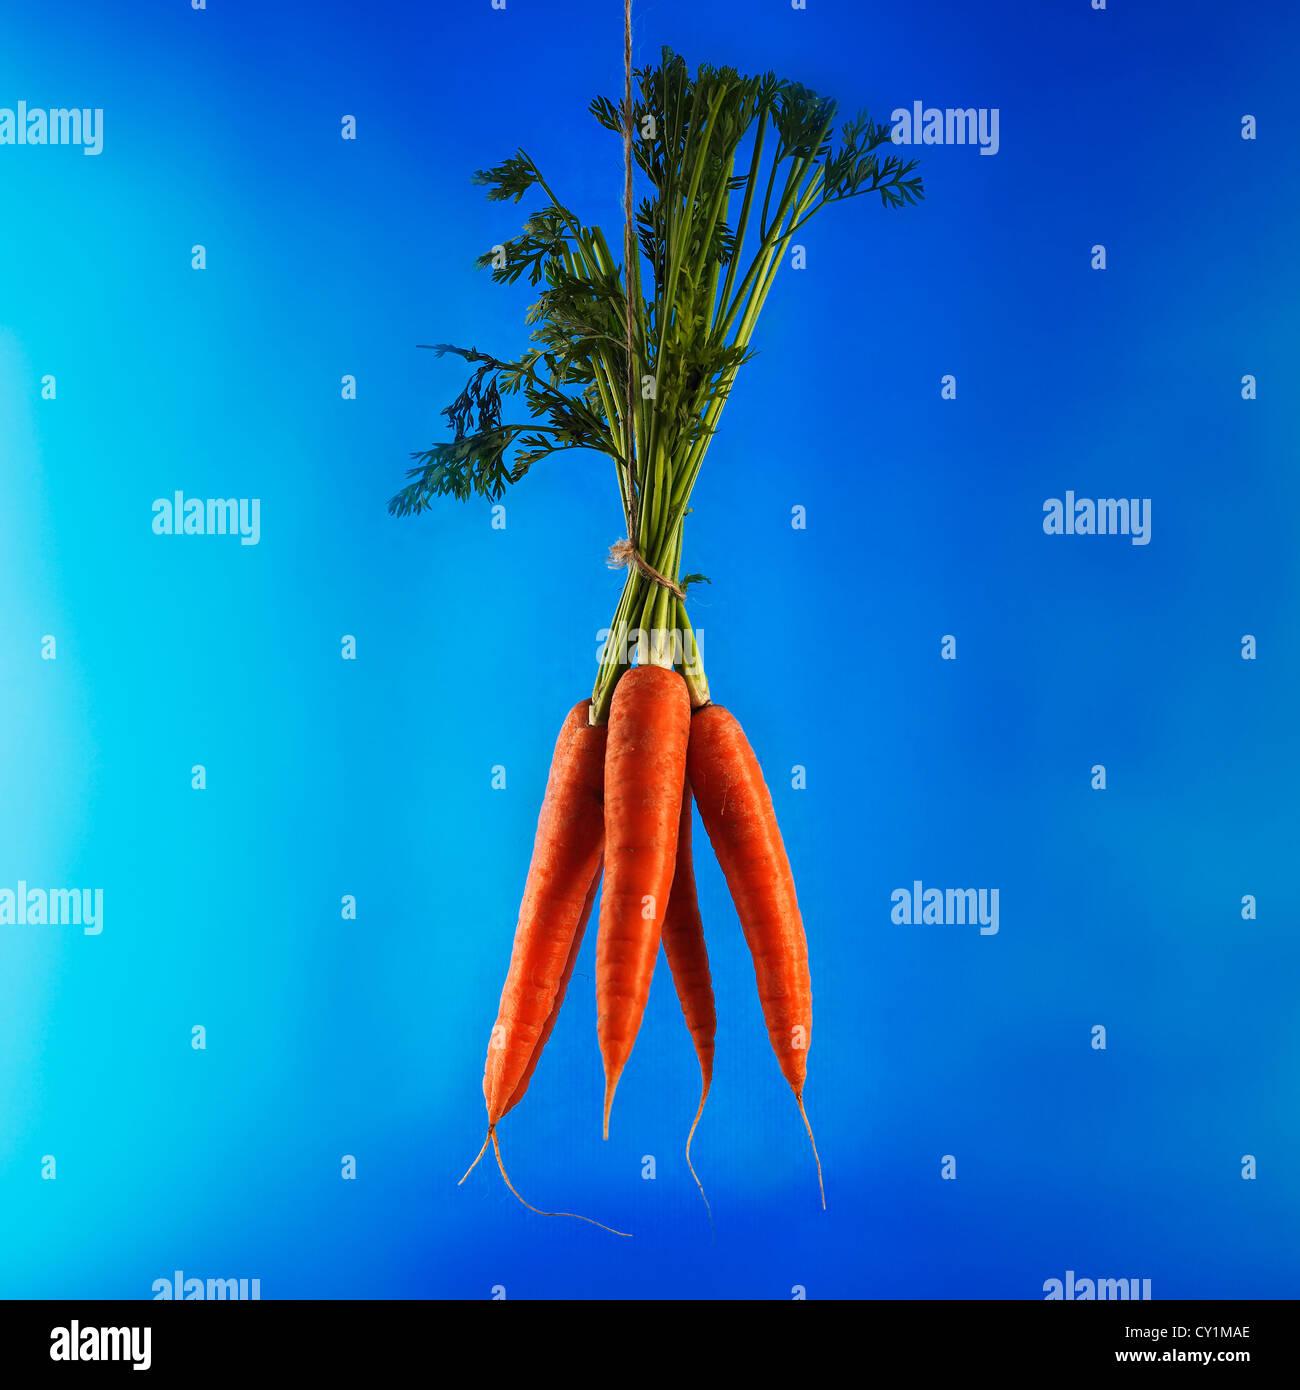 bunch-of-fresh-organic-carrots-hanging-o